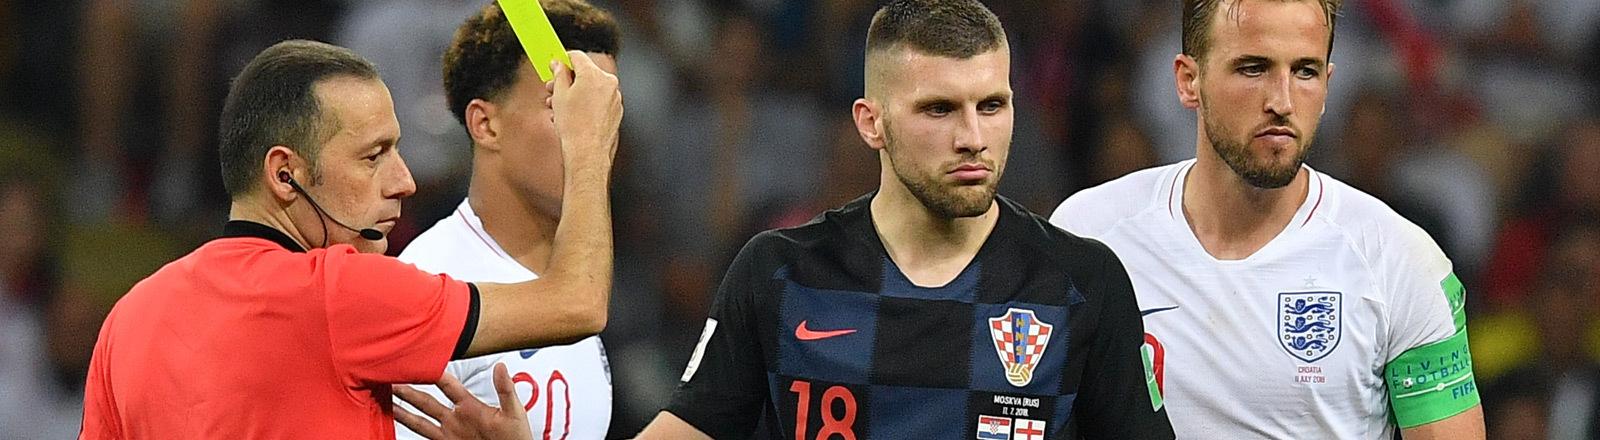 Halbfinal-Match bei der Fifa-WM 2018 zwischen Kroatien und England. Der Schiedsrichter der Partie war Cüneyt Cakir.